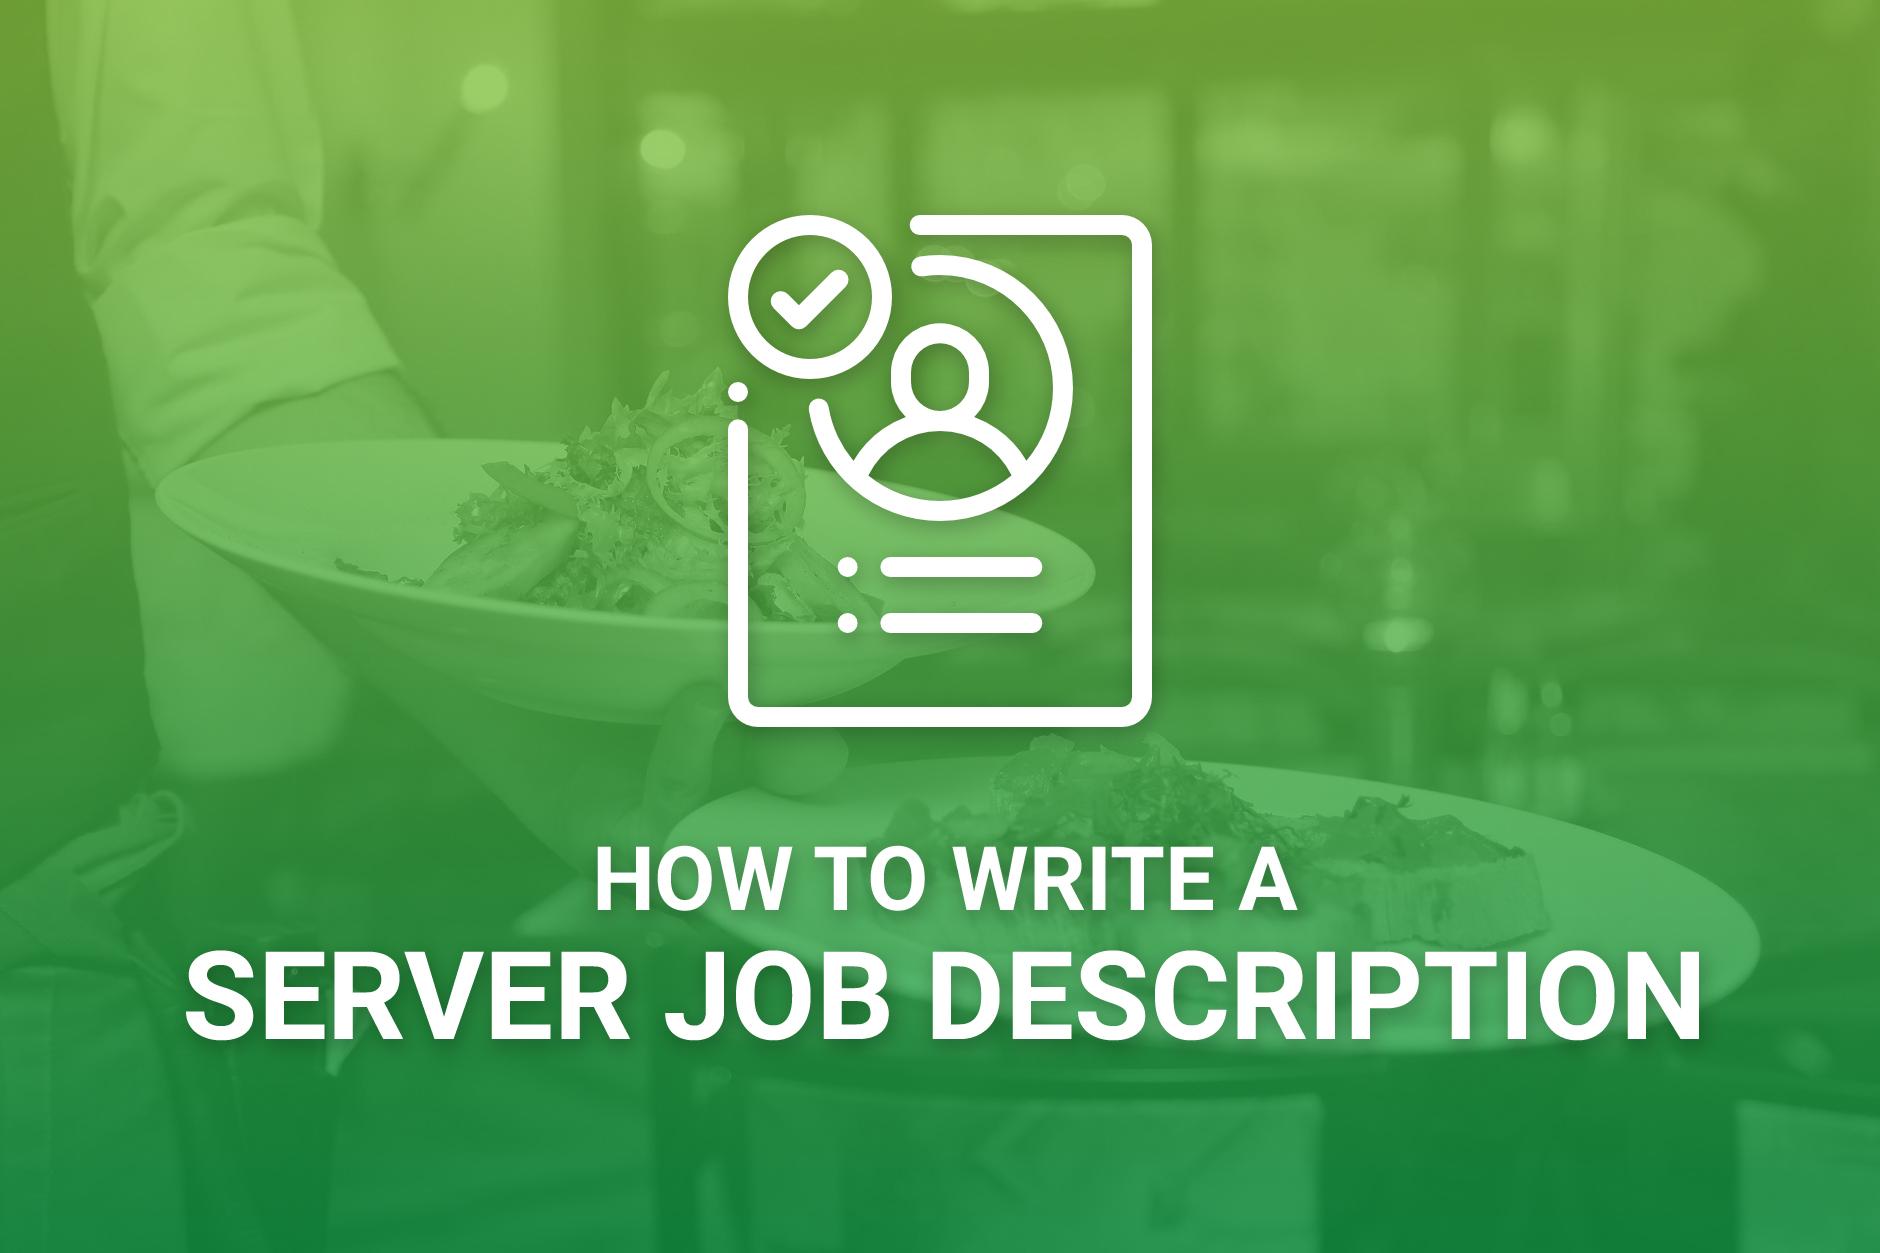 How To Write A Server Job Description